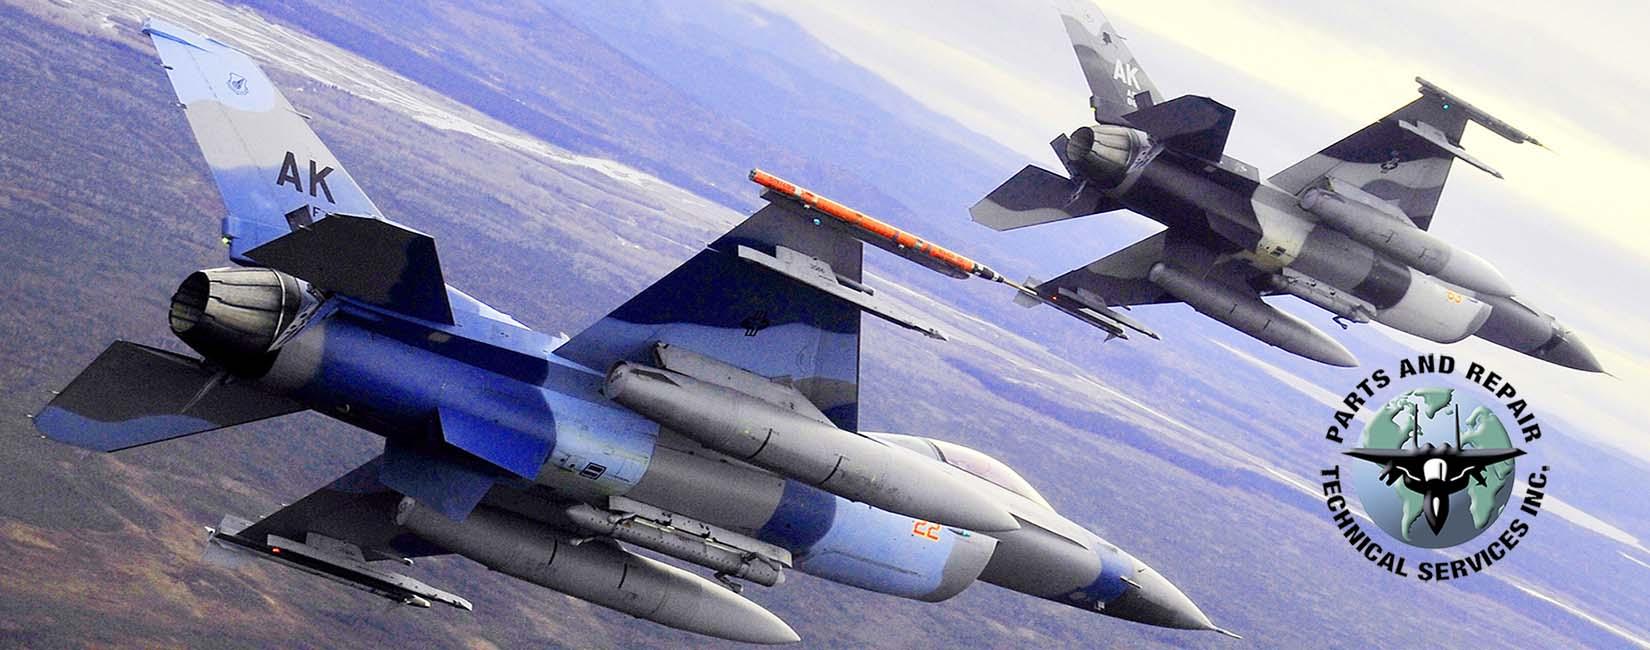 F-16 Aggressors